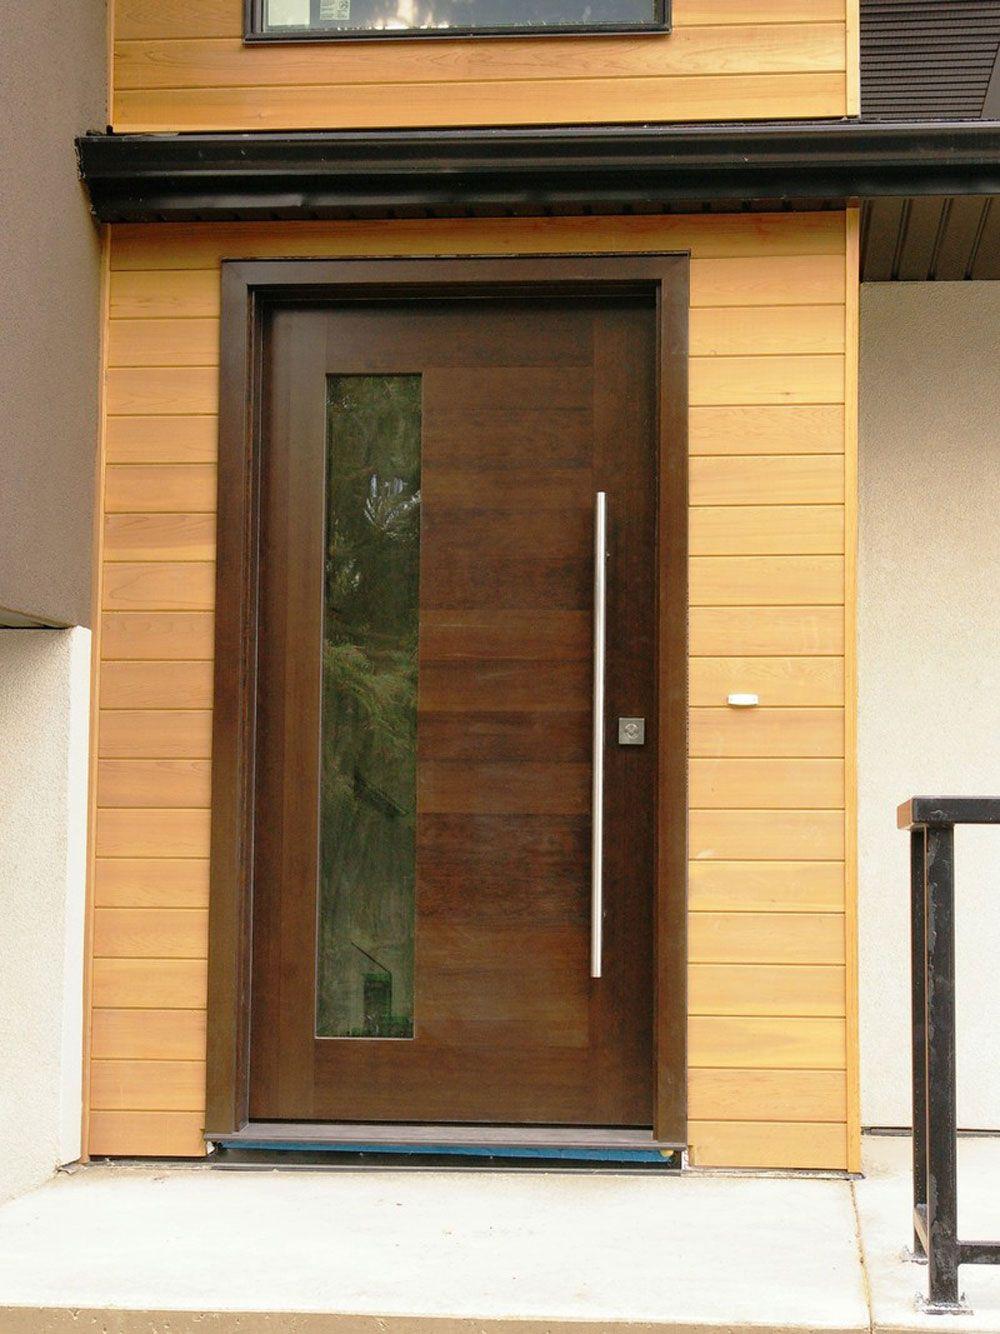 Marvelous Image Result For Contemporary Fiberglass Exterior Glass Door Contemporary Front Doors Door Handles Collection Dhjemzonderlifede